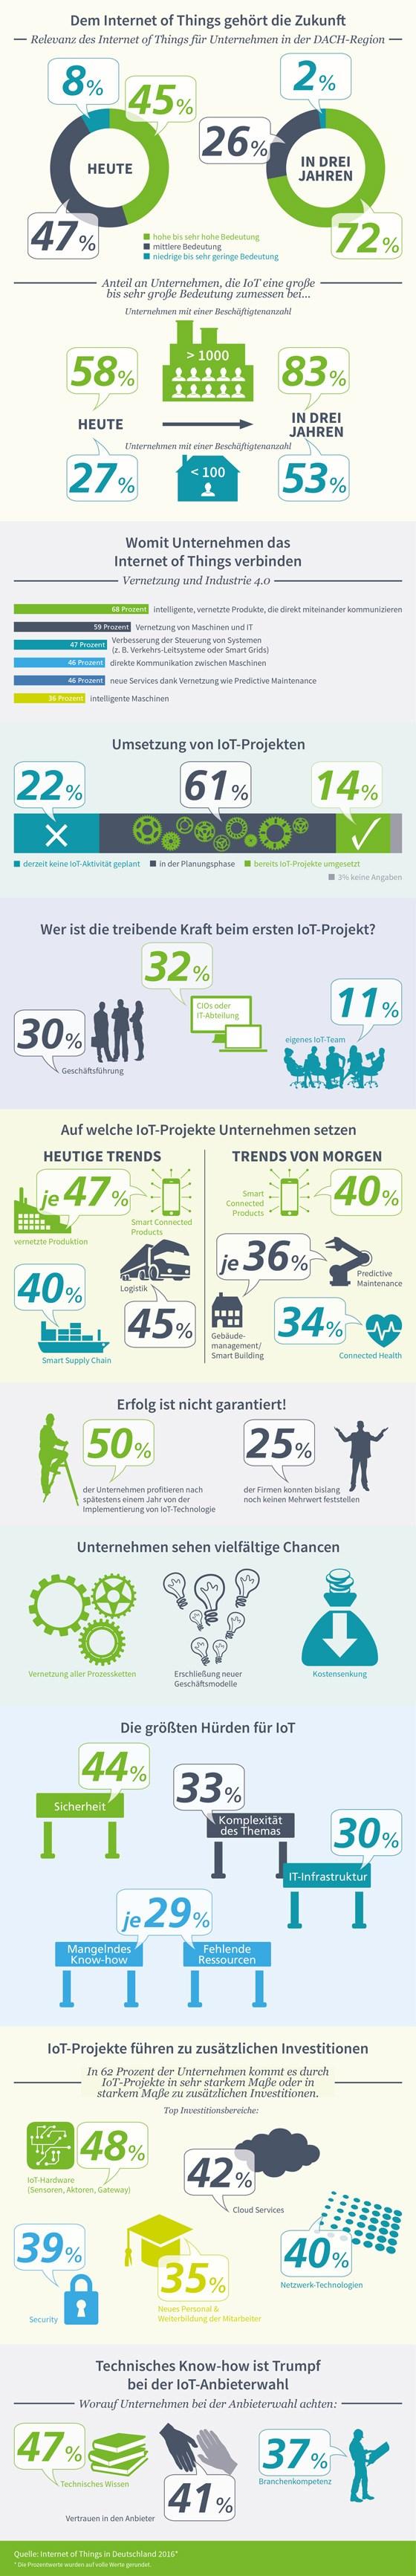 Infografik: Relevanz Internet der Dinge DACH-Region